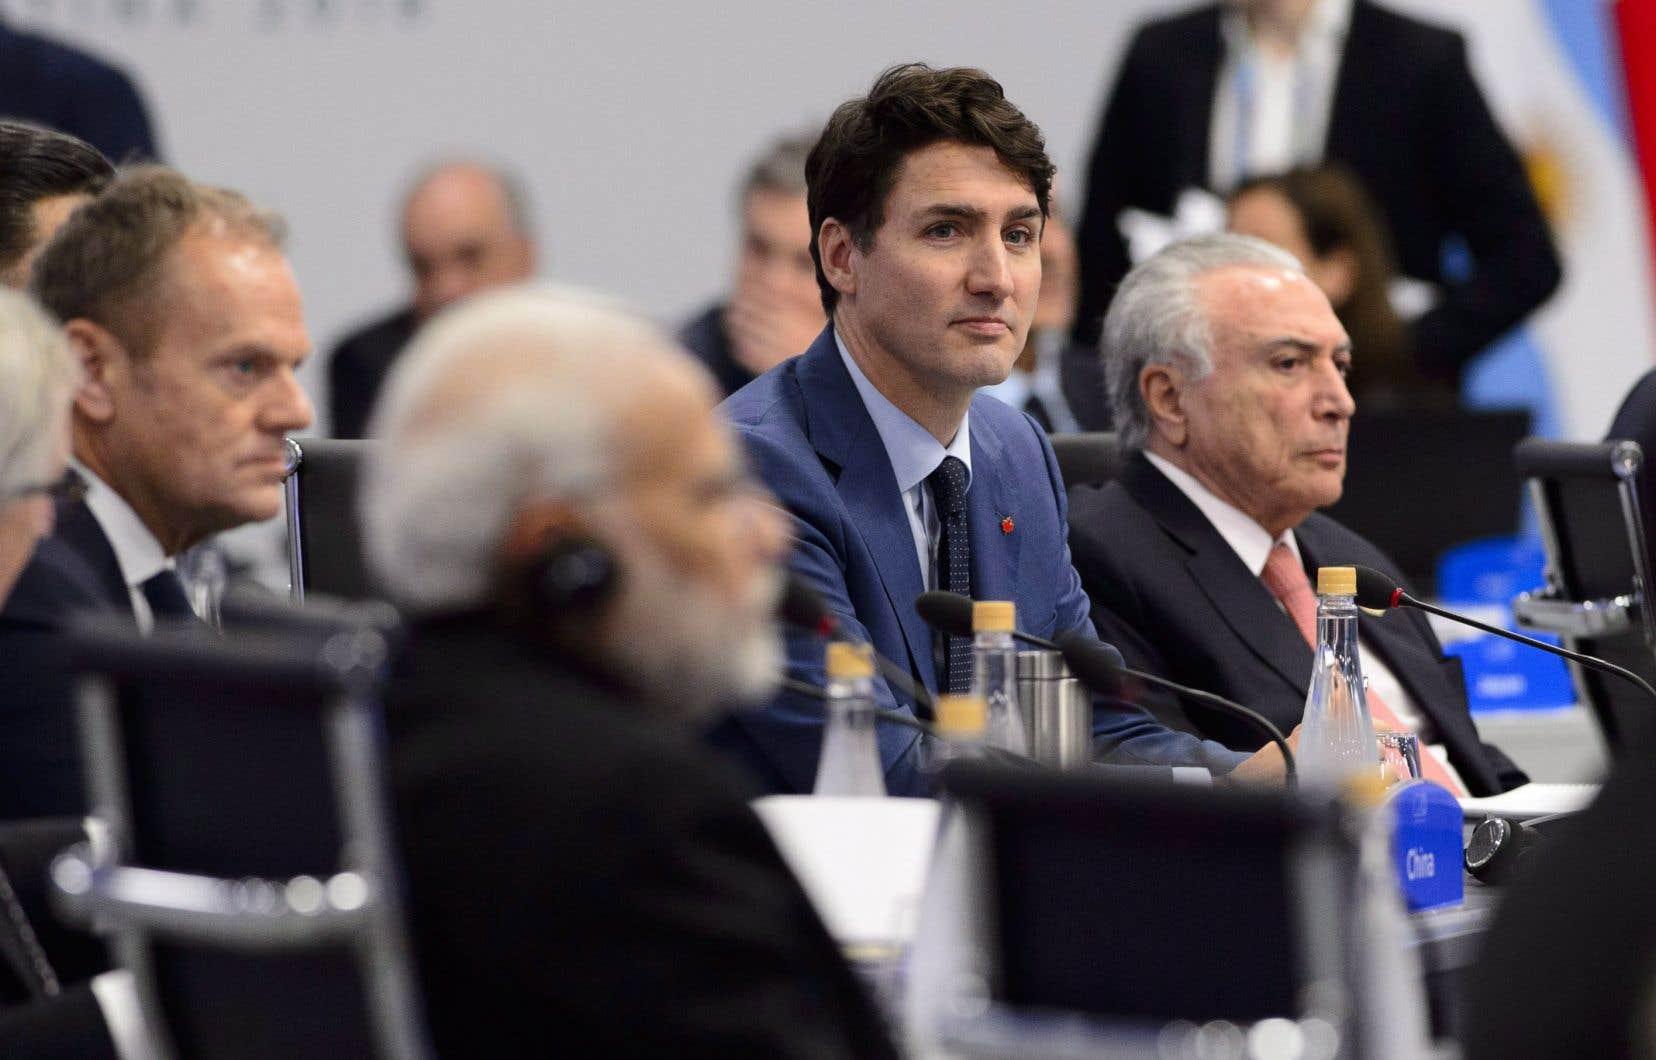 Justin Trudeau doit participer à des rencontres bilatérales avec la première ministre du Royaume-Uni, Teresa May, et le président de la France, Emmanuel Macron, dans le cadre du sommet du G20 à Buenos Aires, en Argentine.